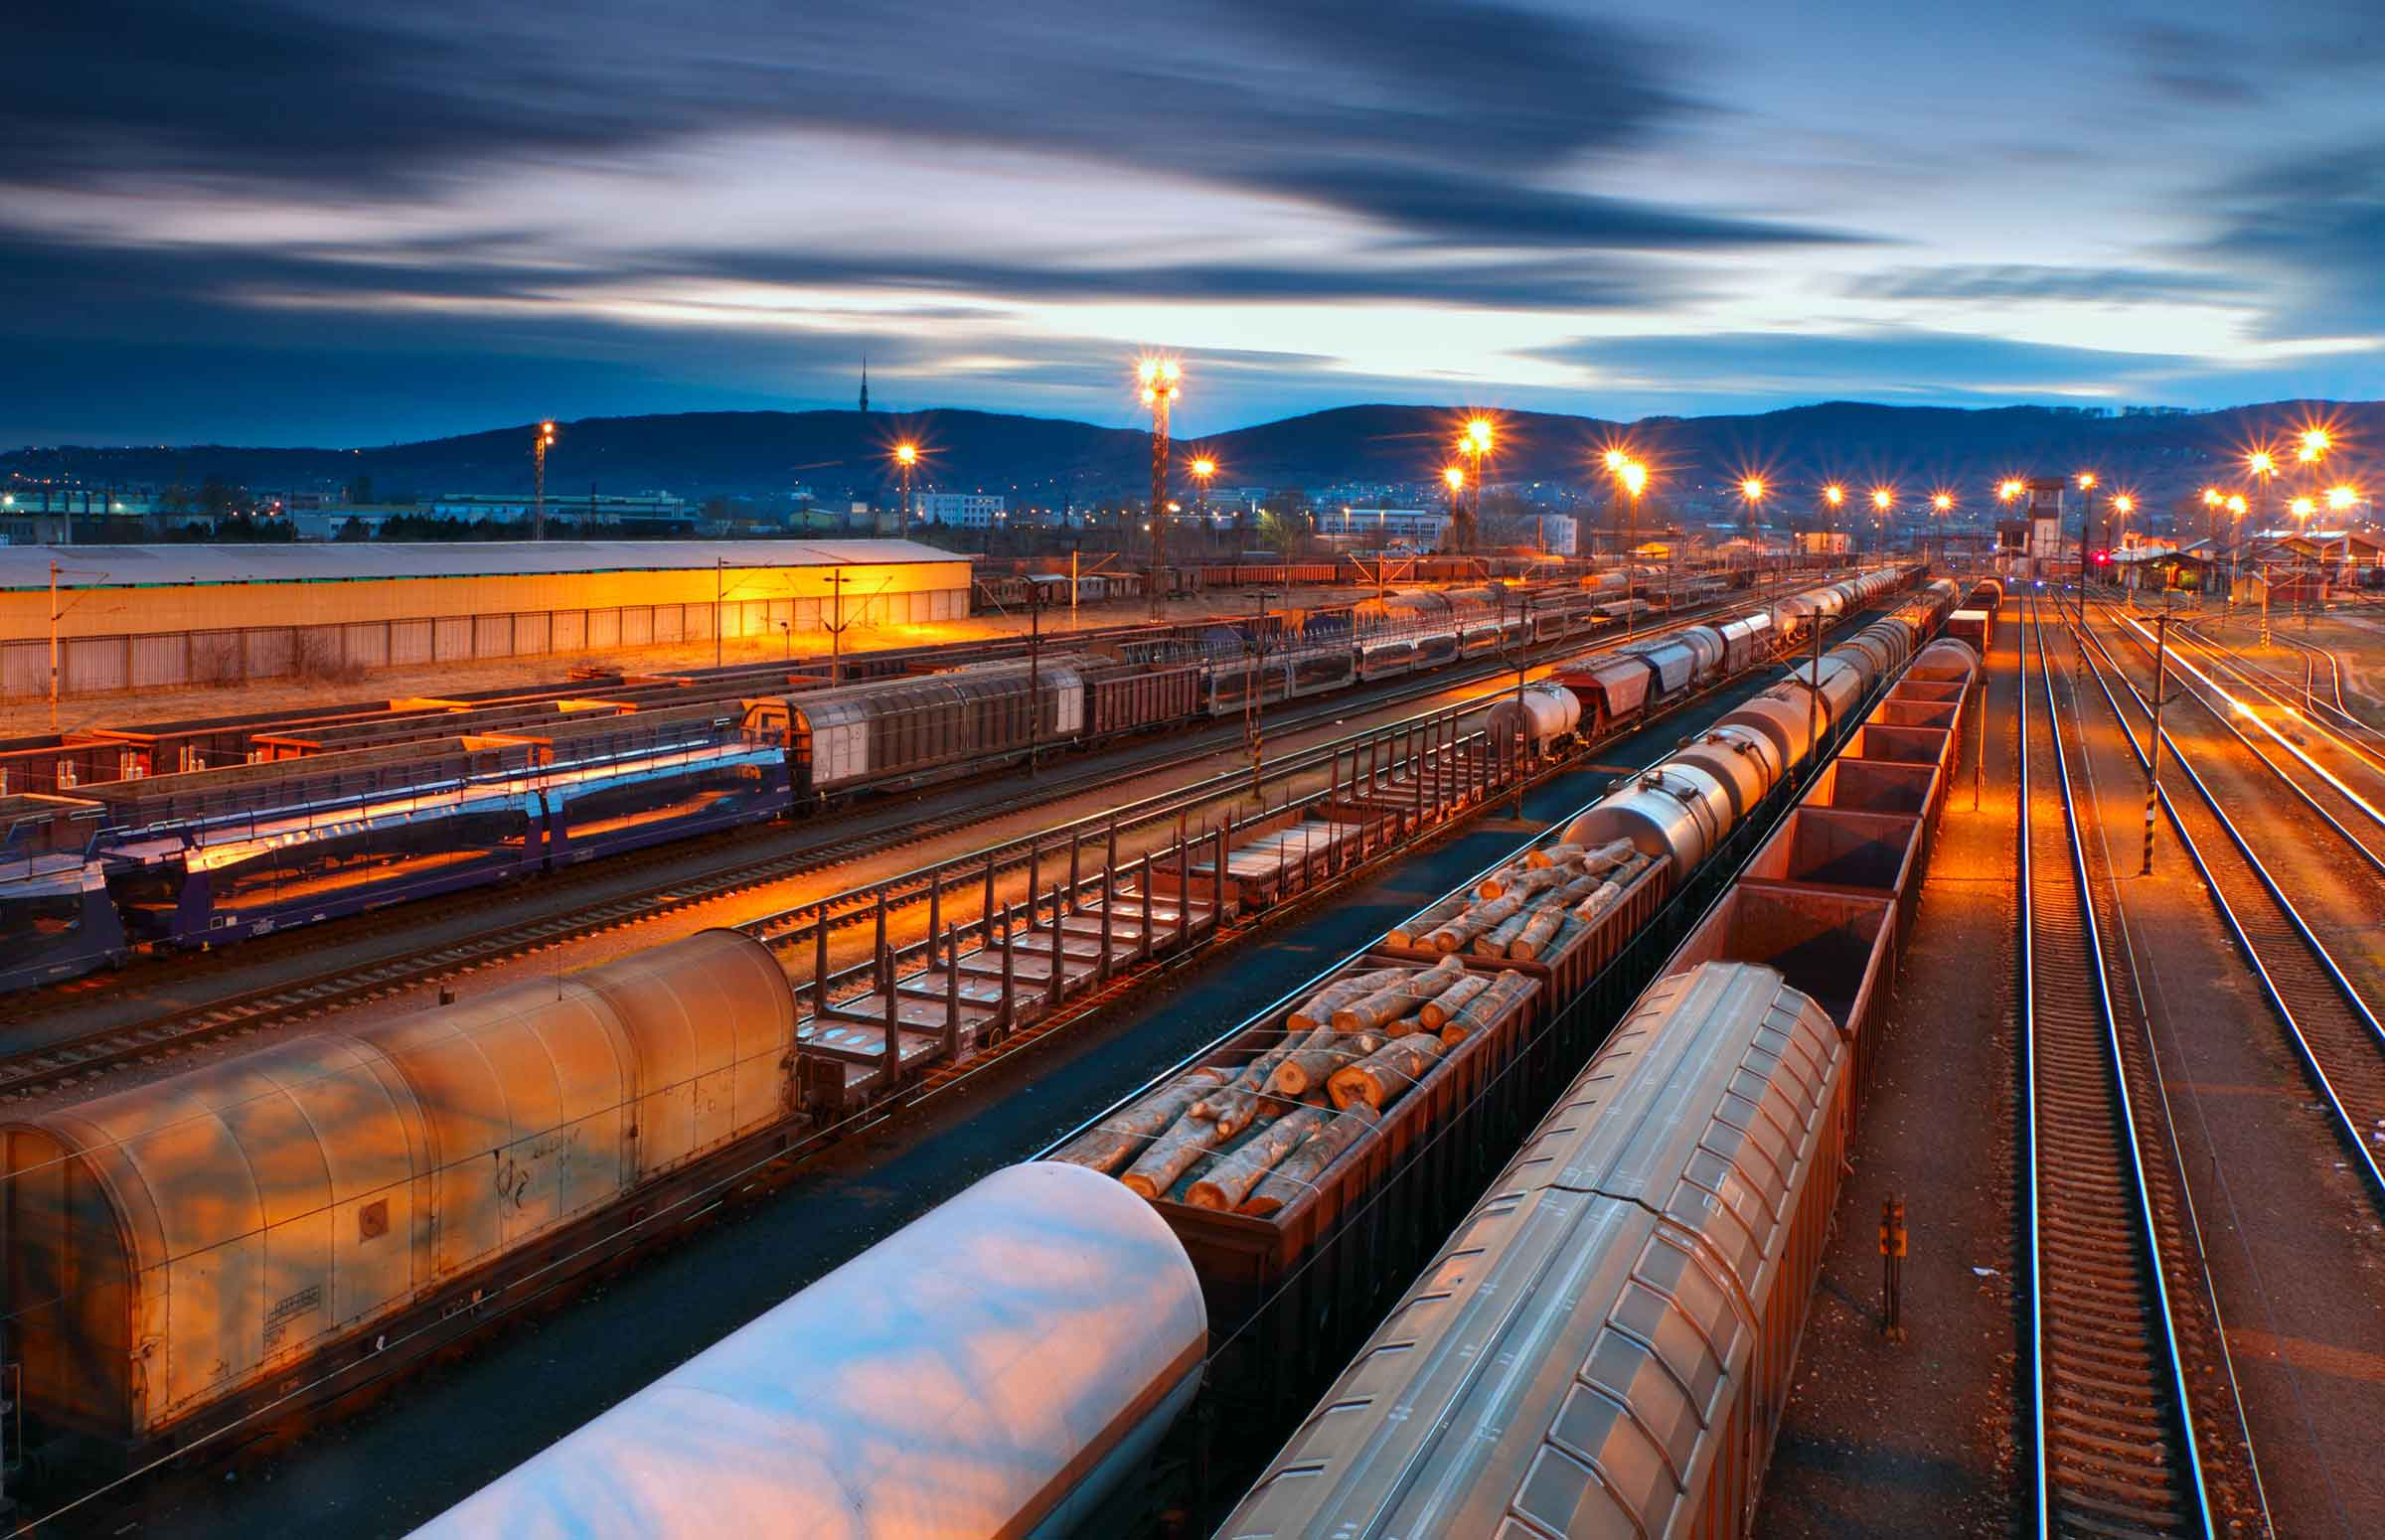 Пассажирские железнодорожные перевозки курсовая торговля строительным оборудованием и материалами